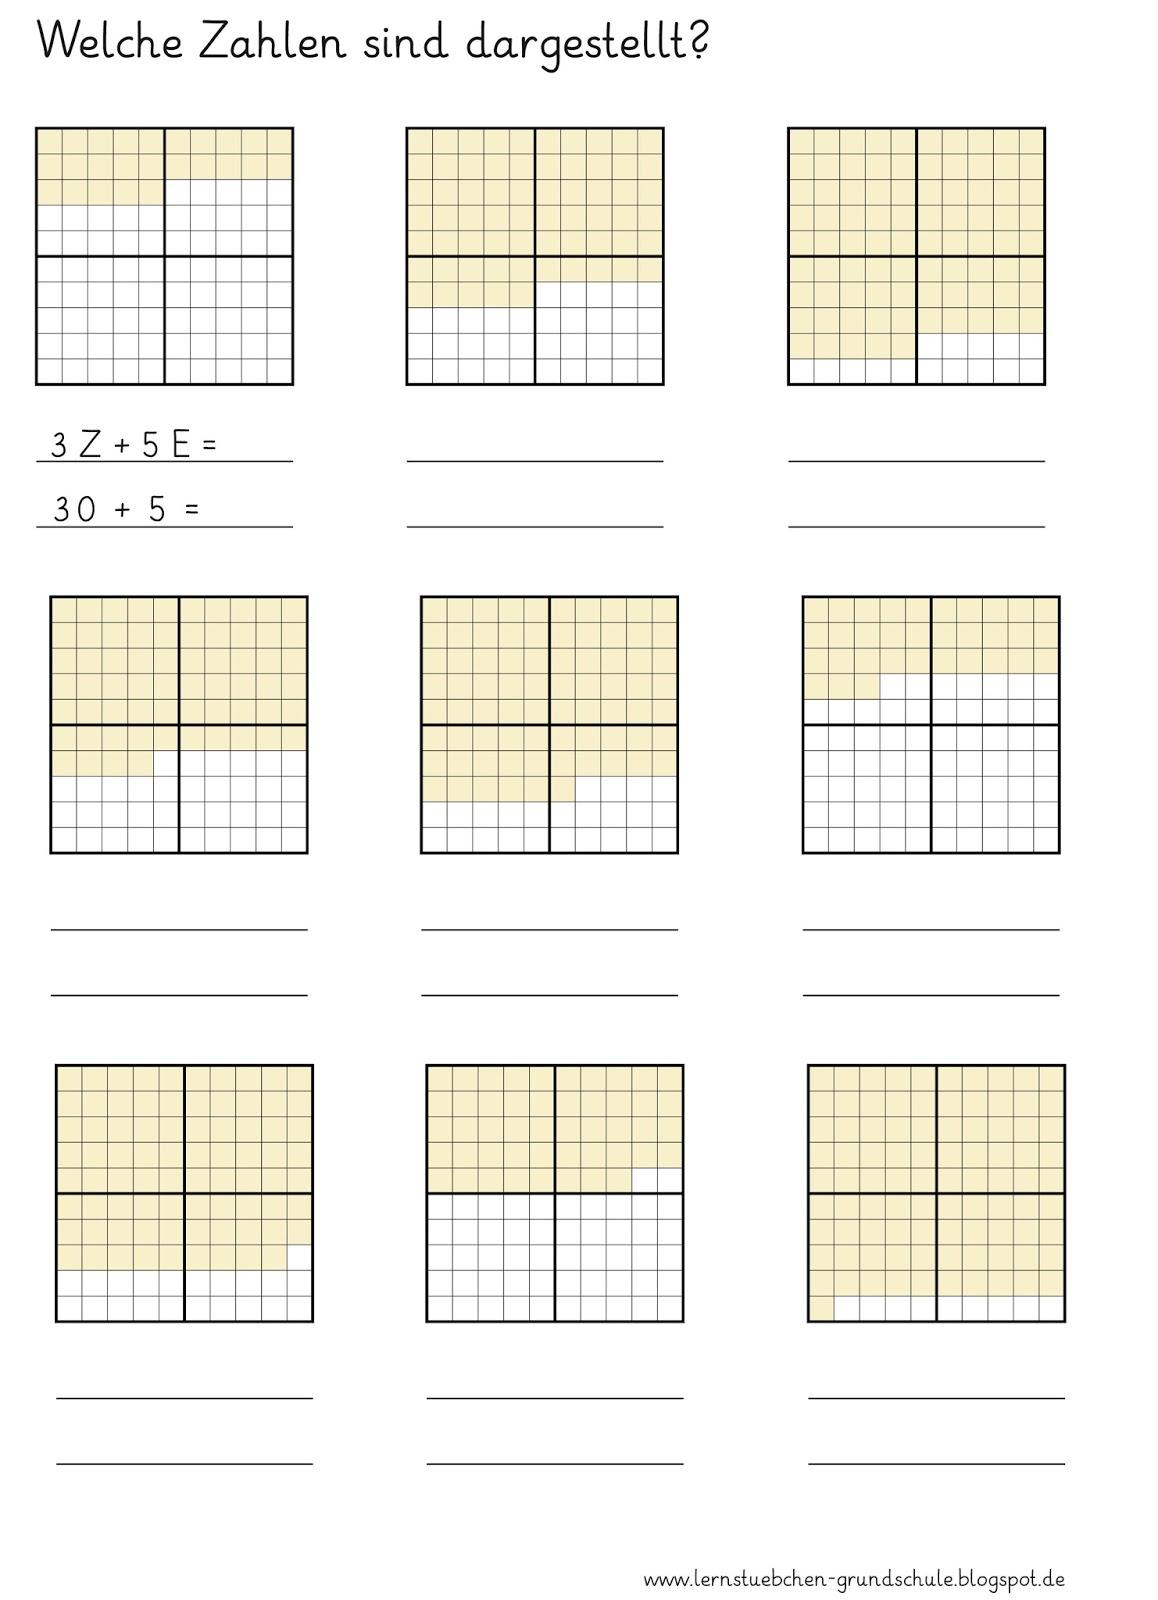 Lernstübchen: Addition mit Zehnerzahlen